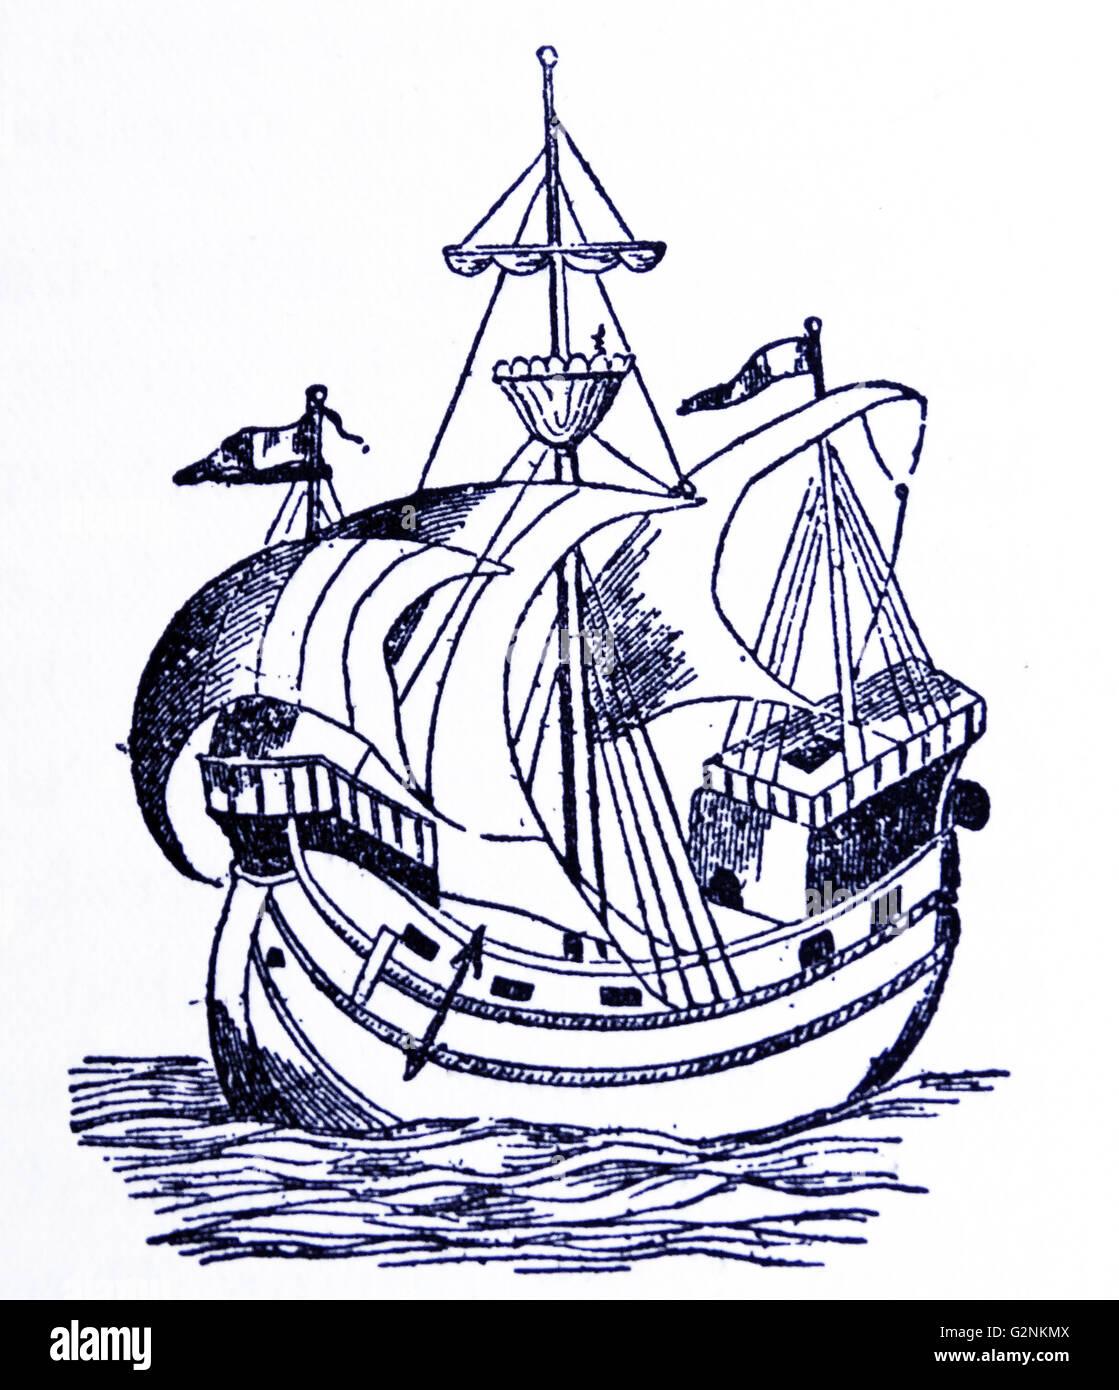 Ein Schiff aus dem 16. Jahrhundert. Stockbild